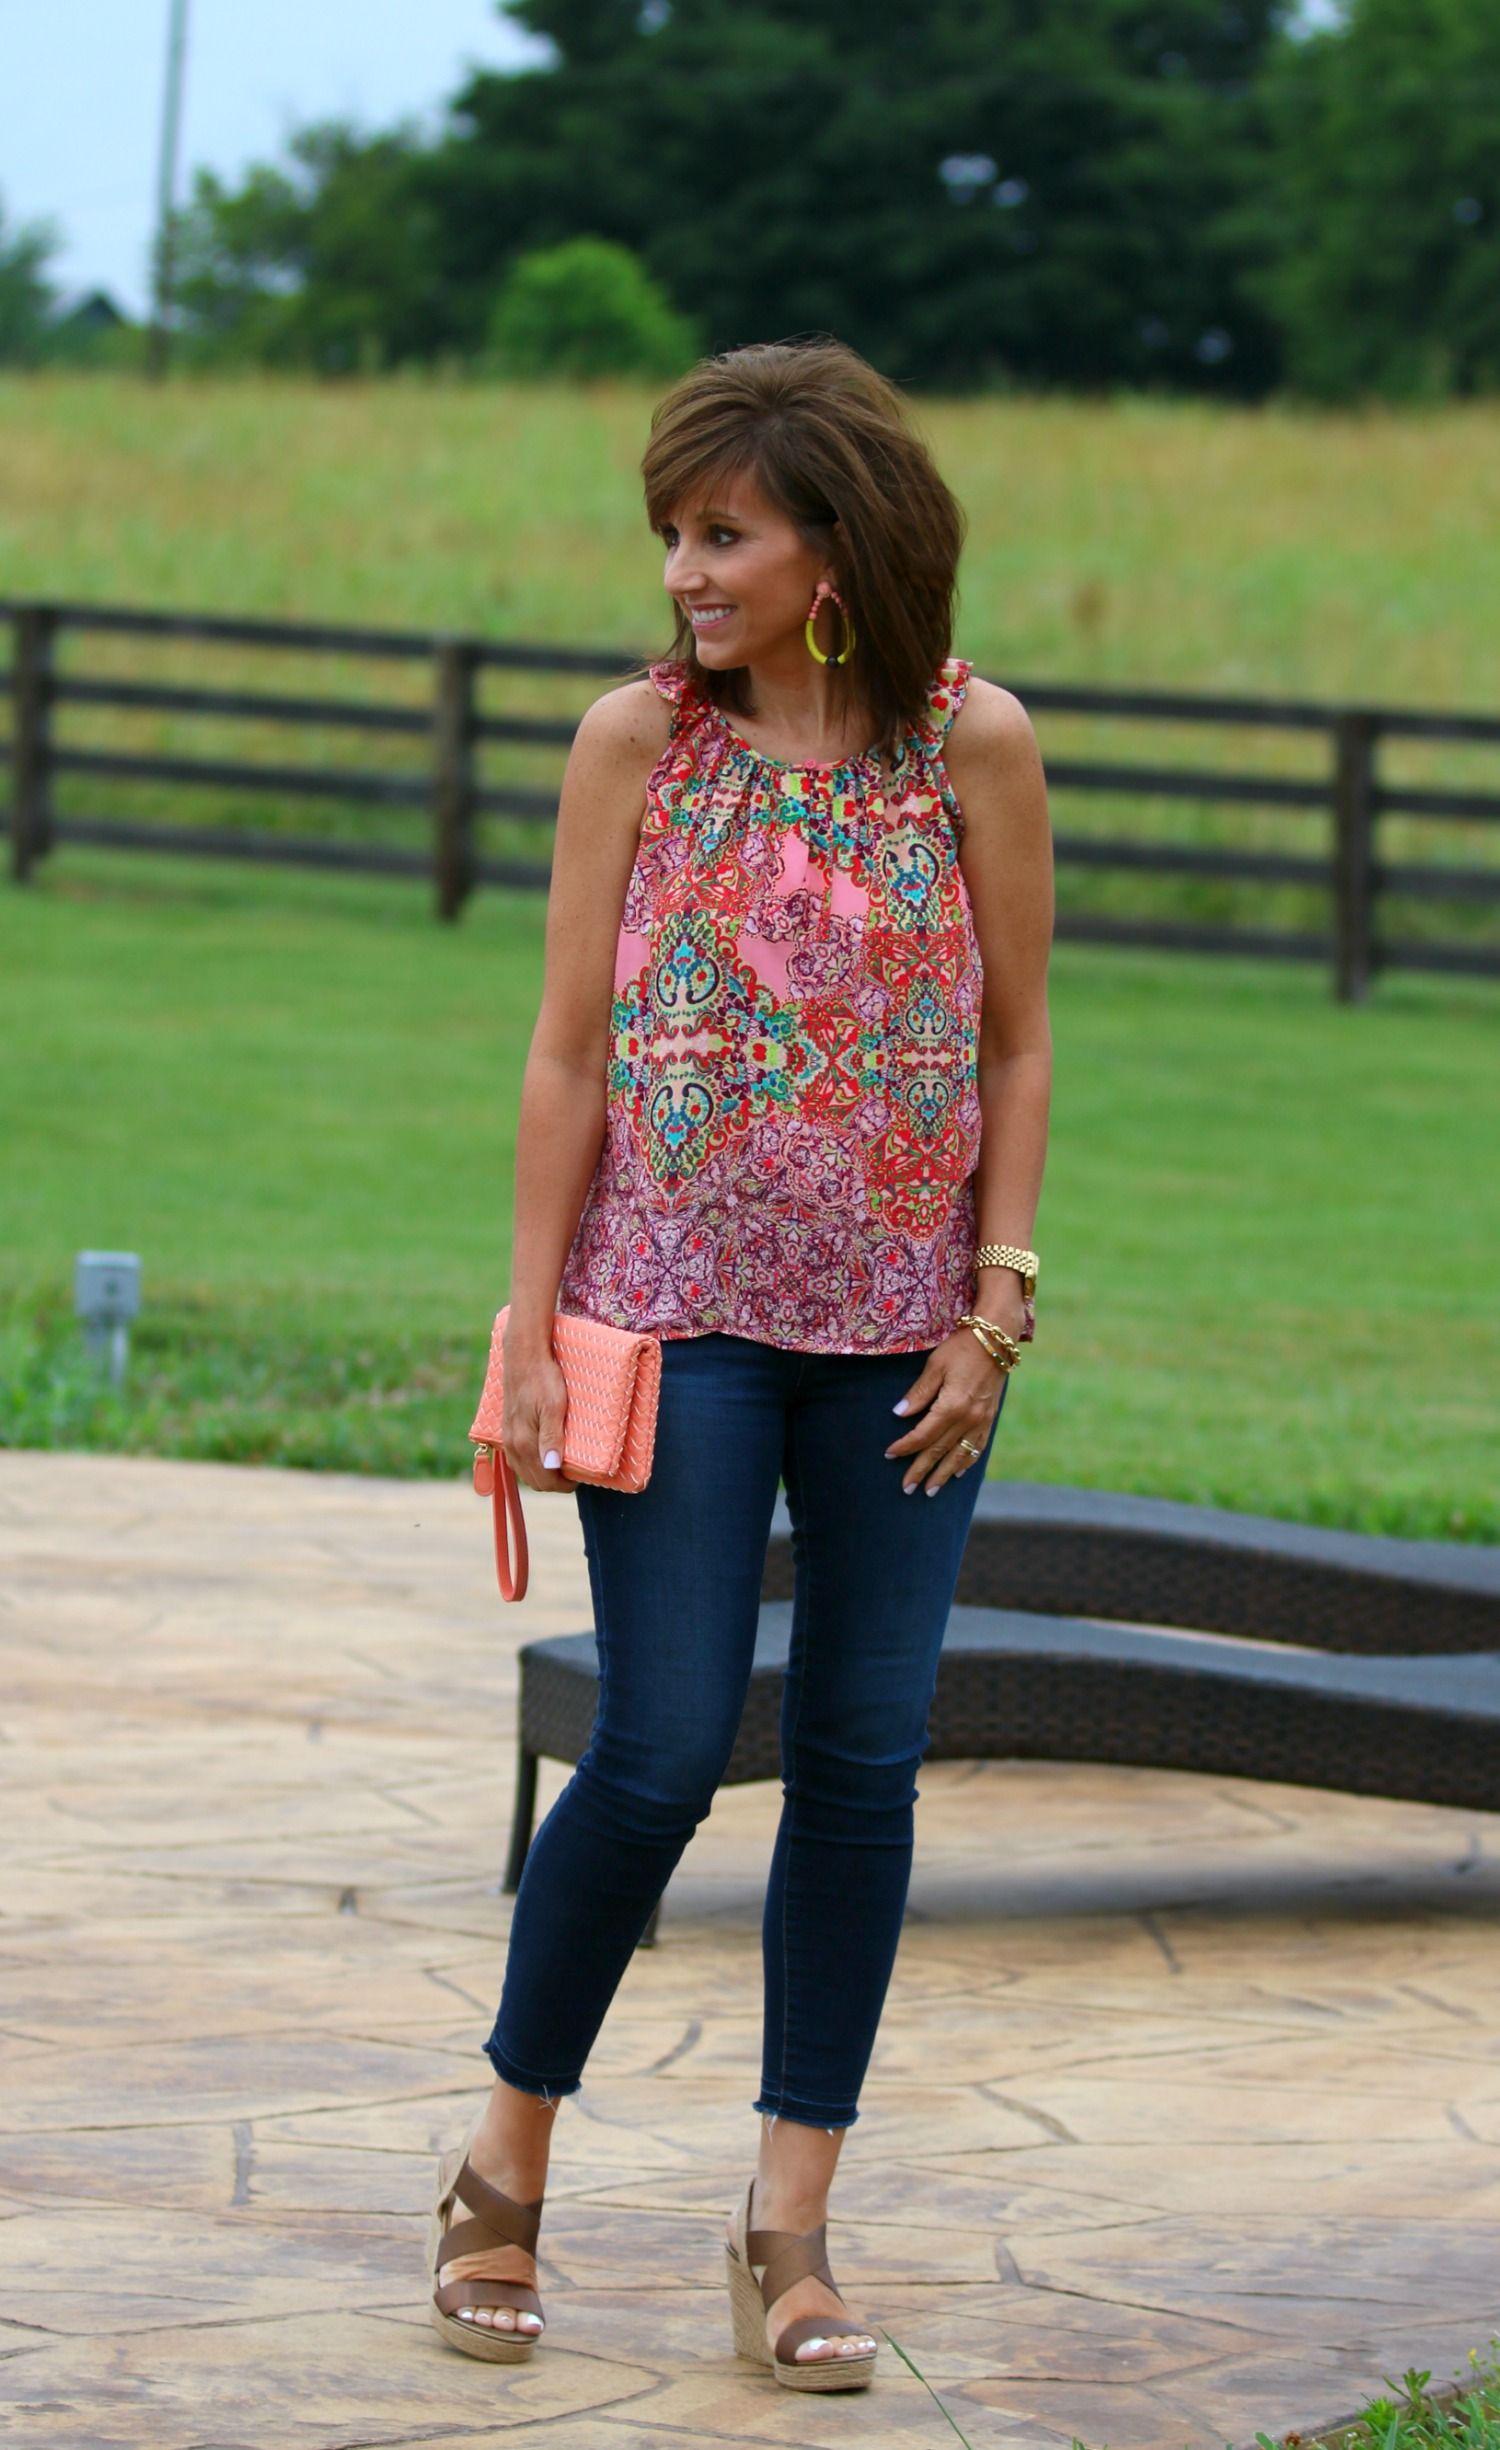 22 Days of Summer Fashion-Stitch Fix Giveaway - Cyndi Spivey